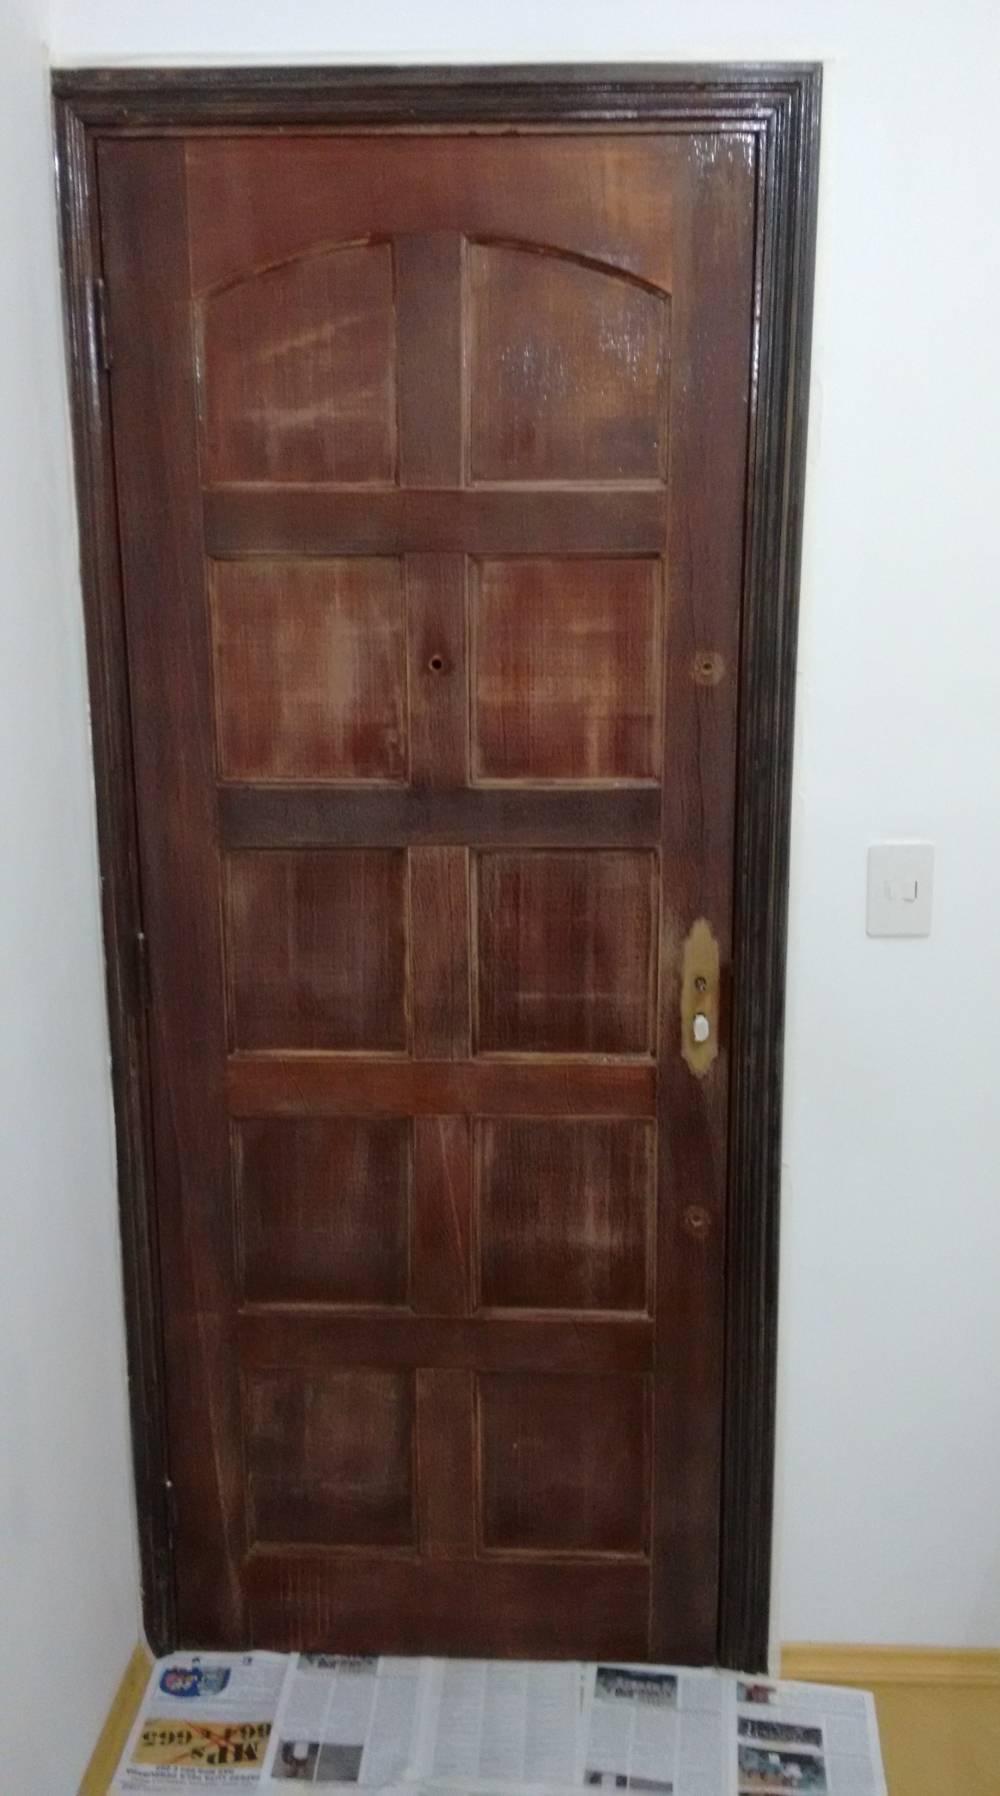 Contratar Quem Faça Reparos Residenciais na Vila Marte - Reparos Residenciais